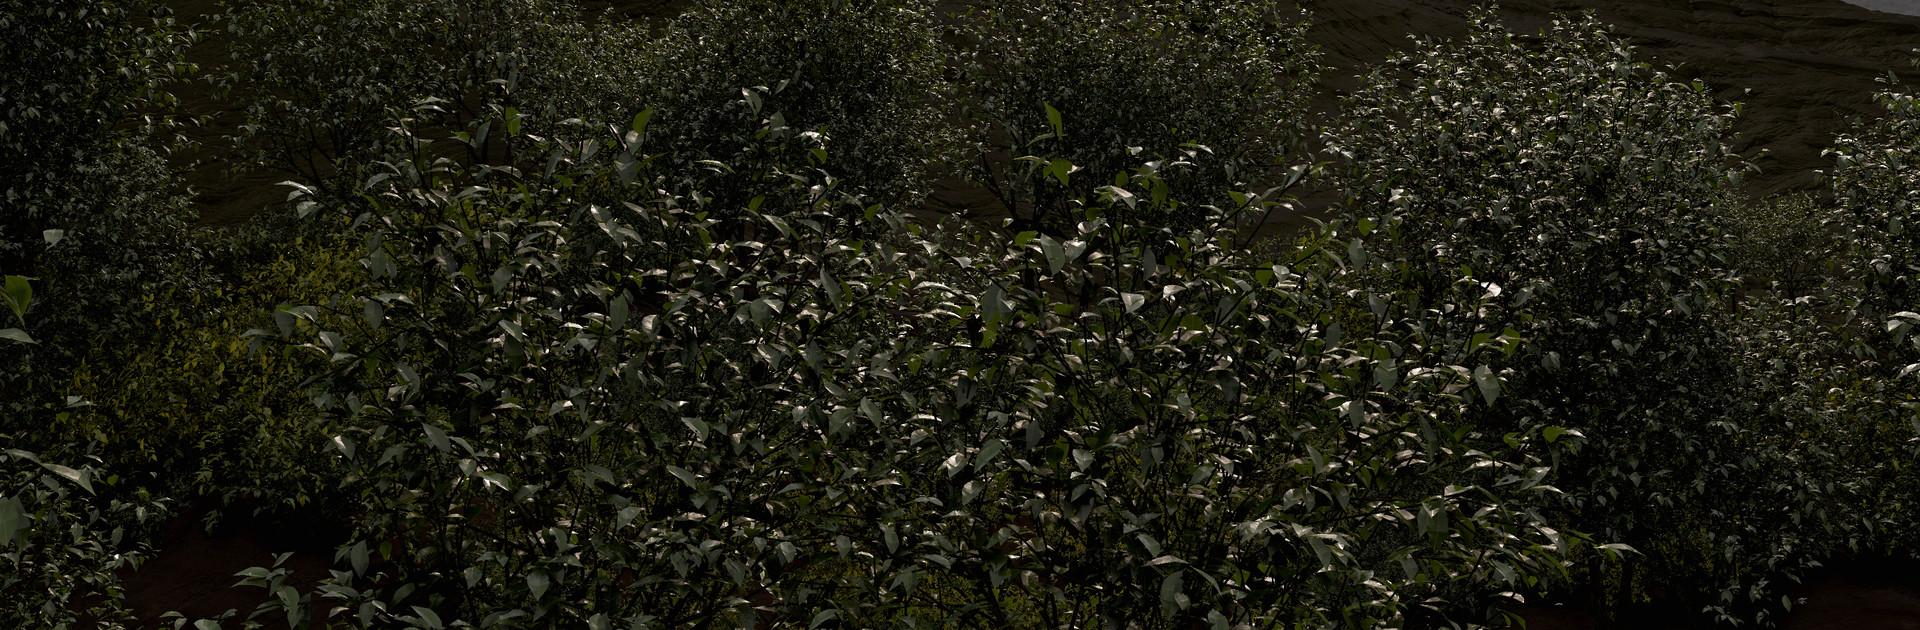 eoin-o-broin-foliage